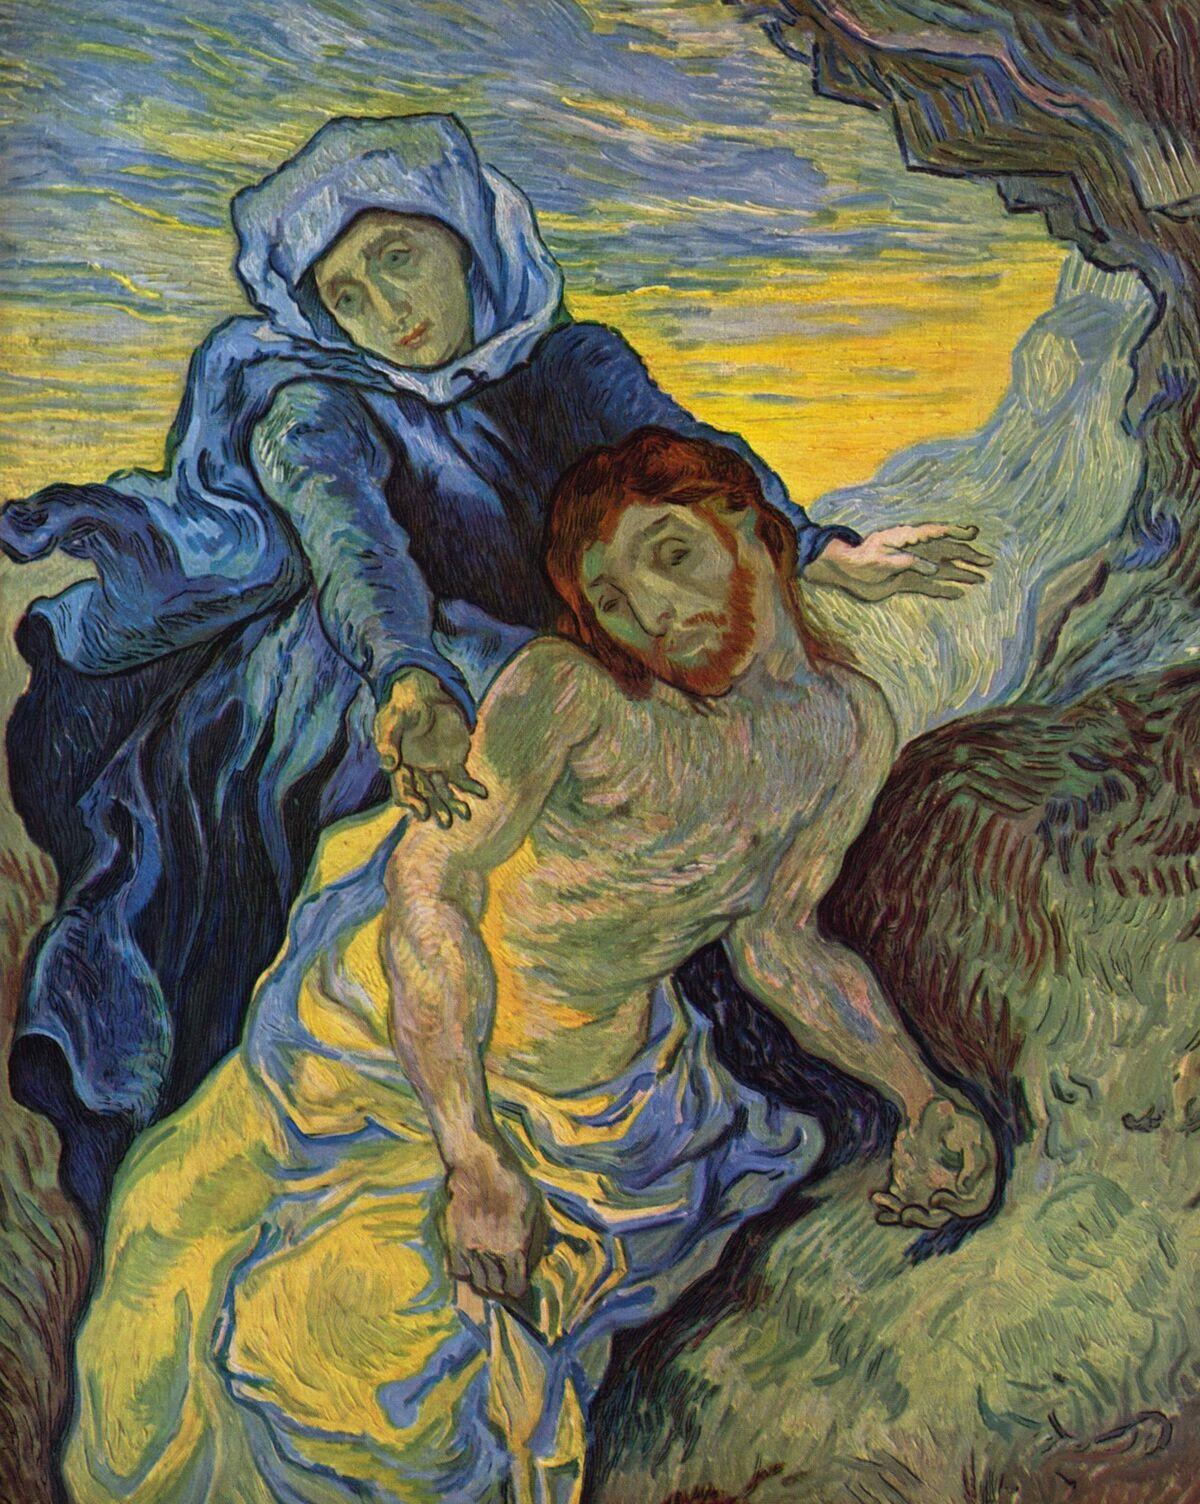 Vincent van Gogh, Pietà (after Delacroix), 1889. Courtesy of the Van Gogh Museum.